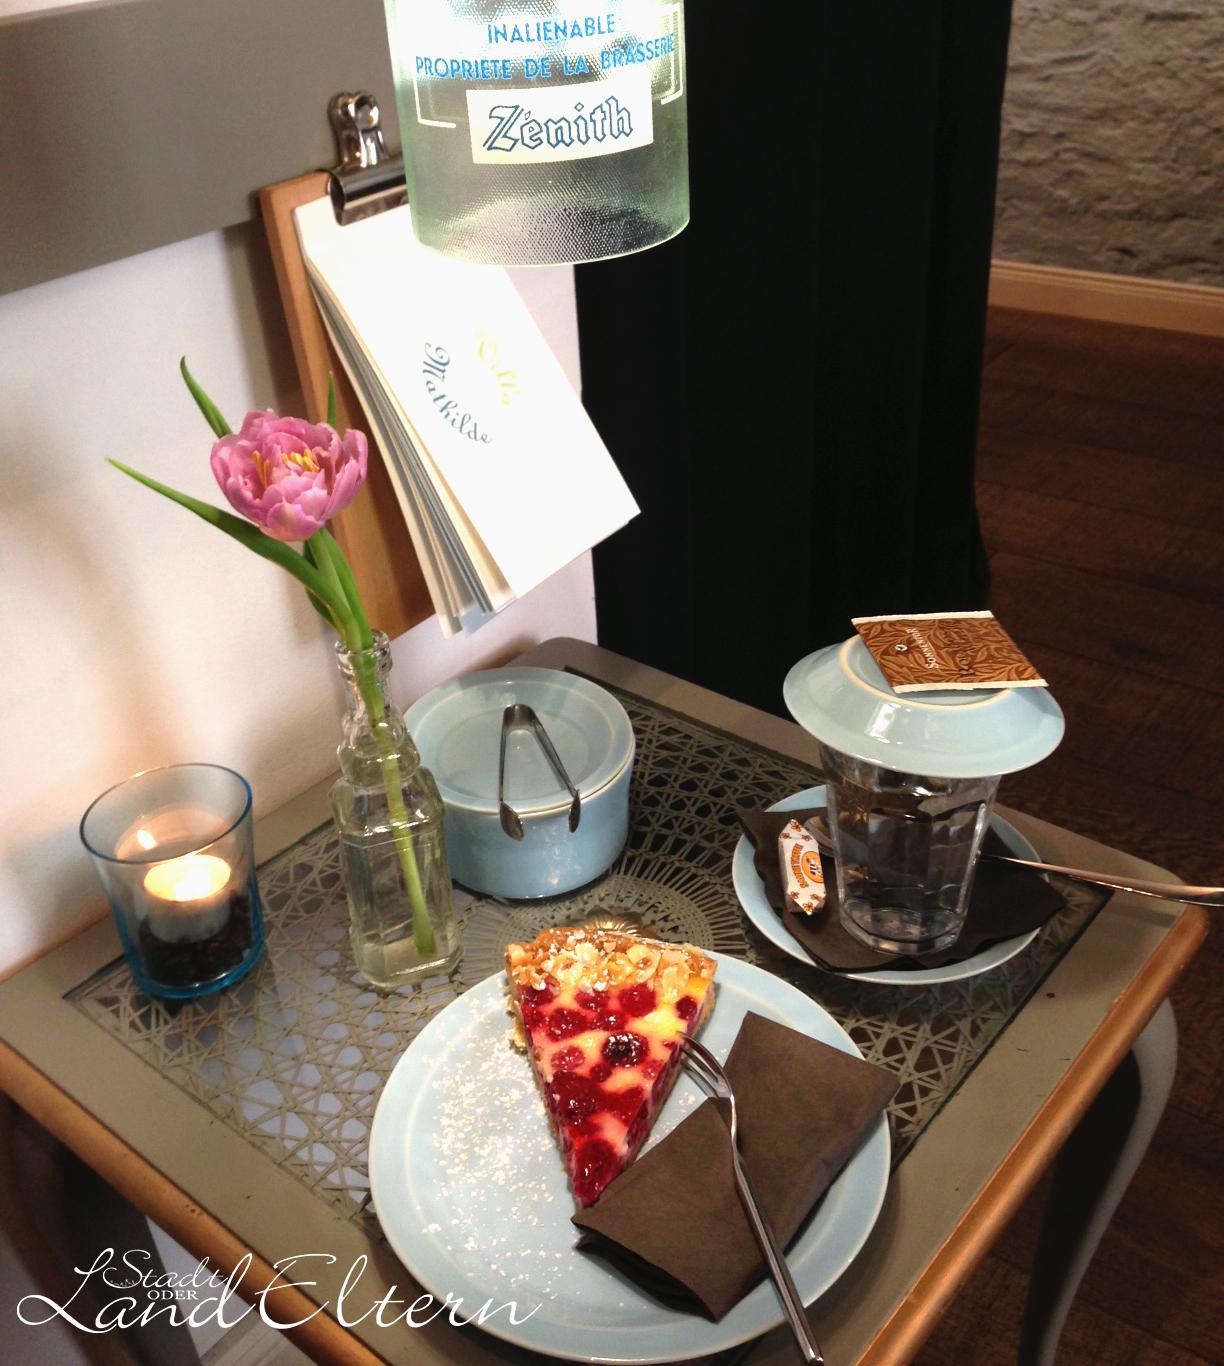 villa mathilde in deutz. Black Bedroom Furniture Sets. Home Design Ideas